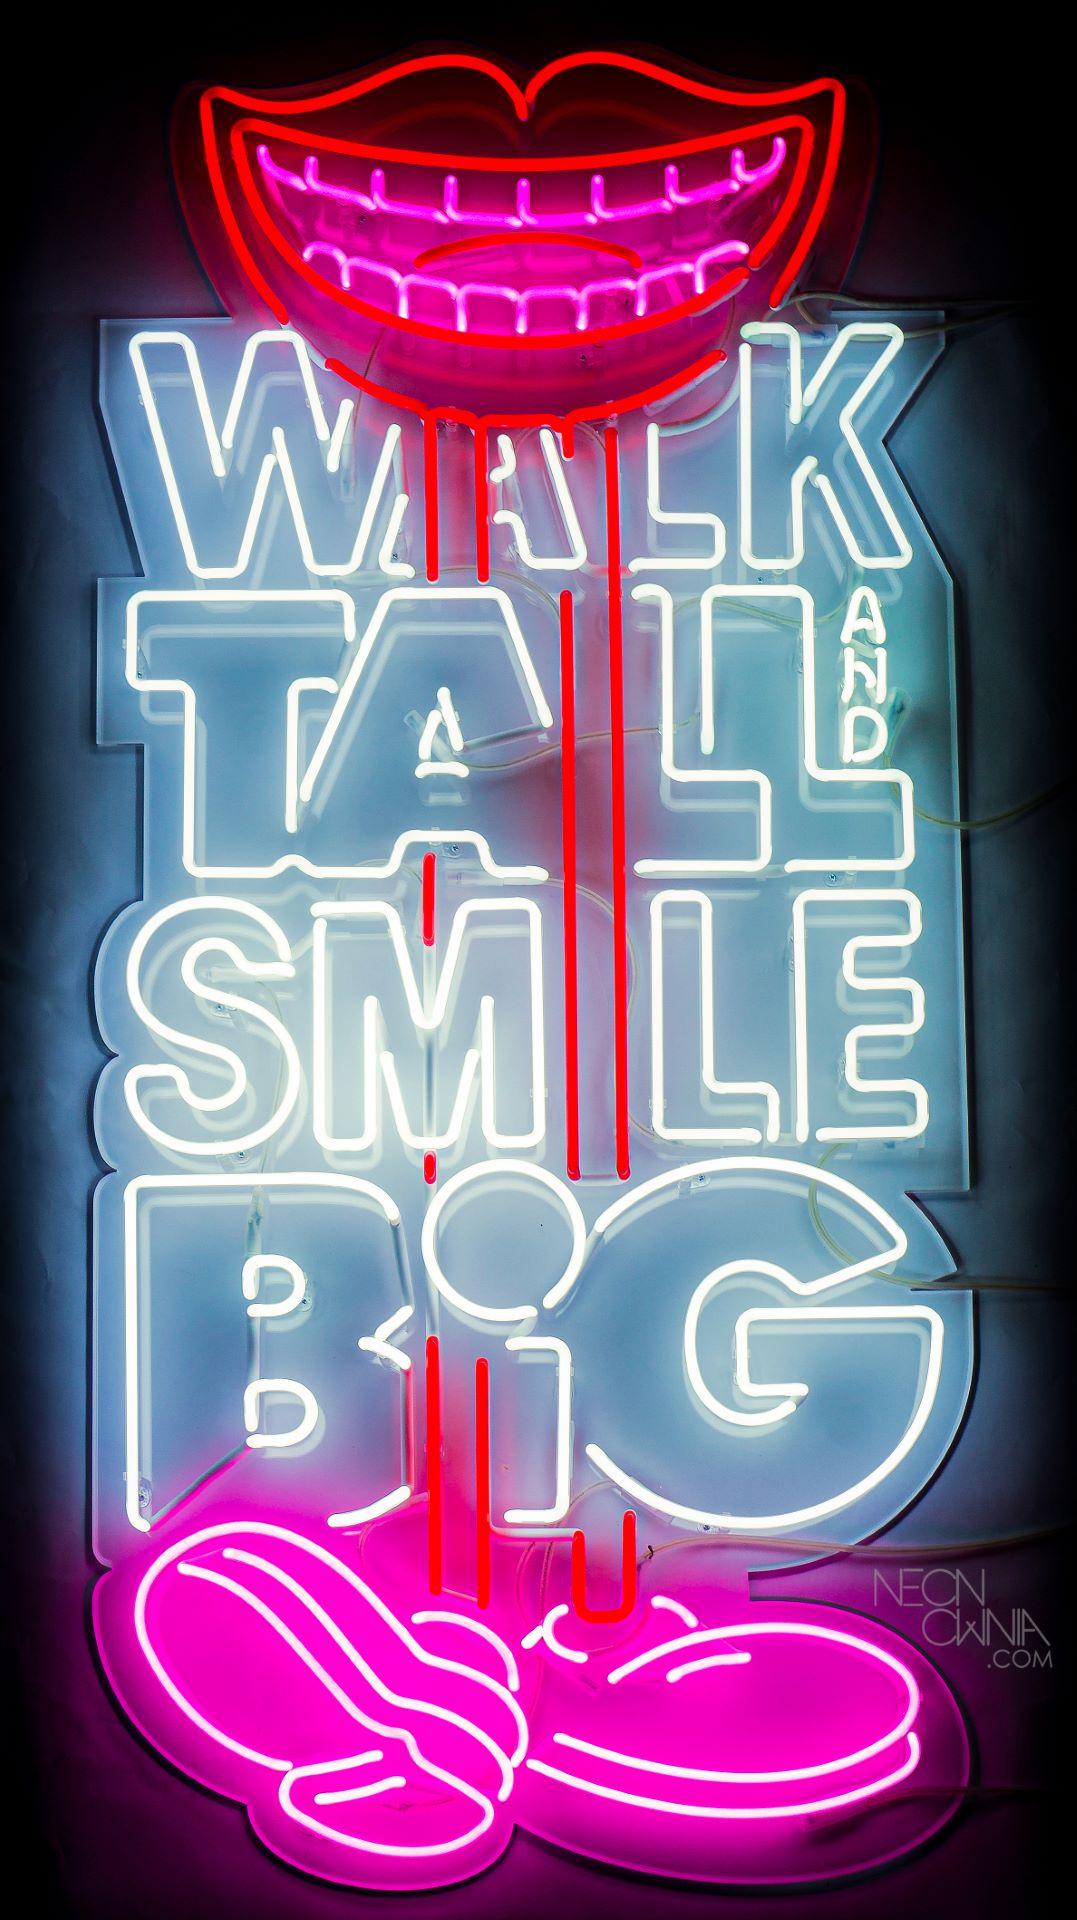 WALK TALL AND SMILE BIG